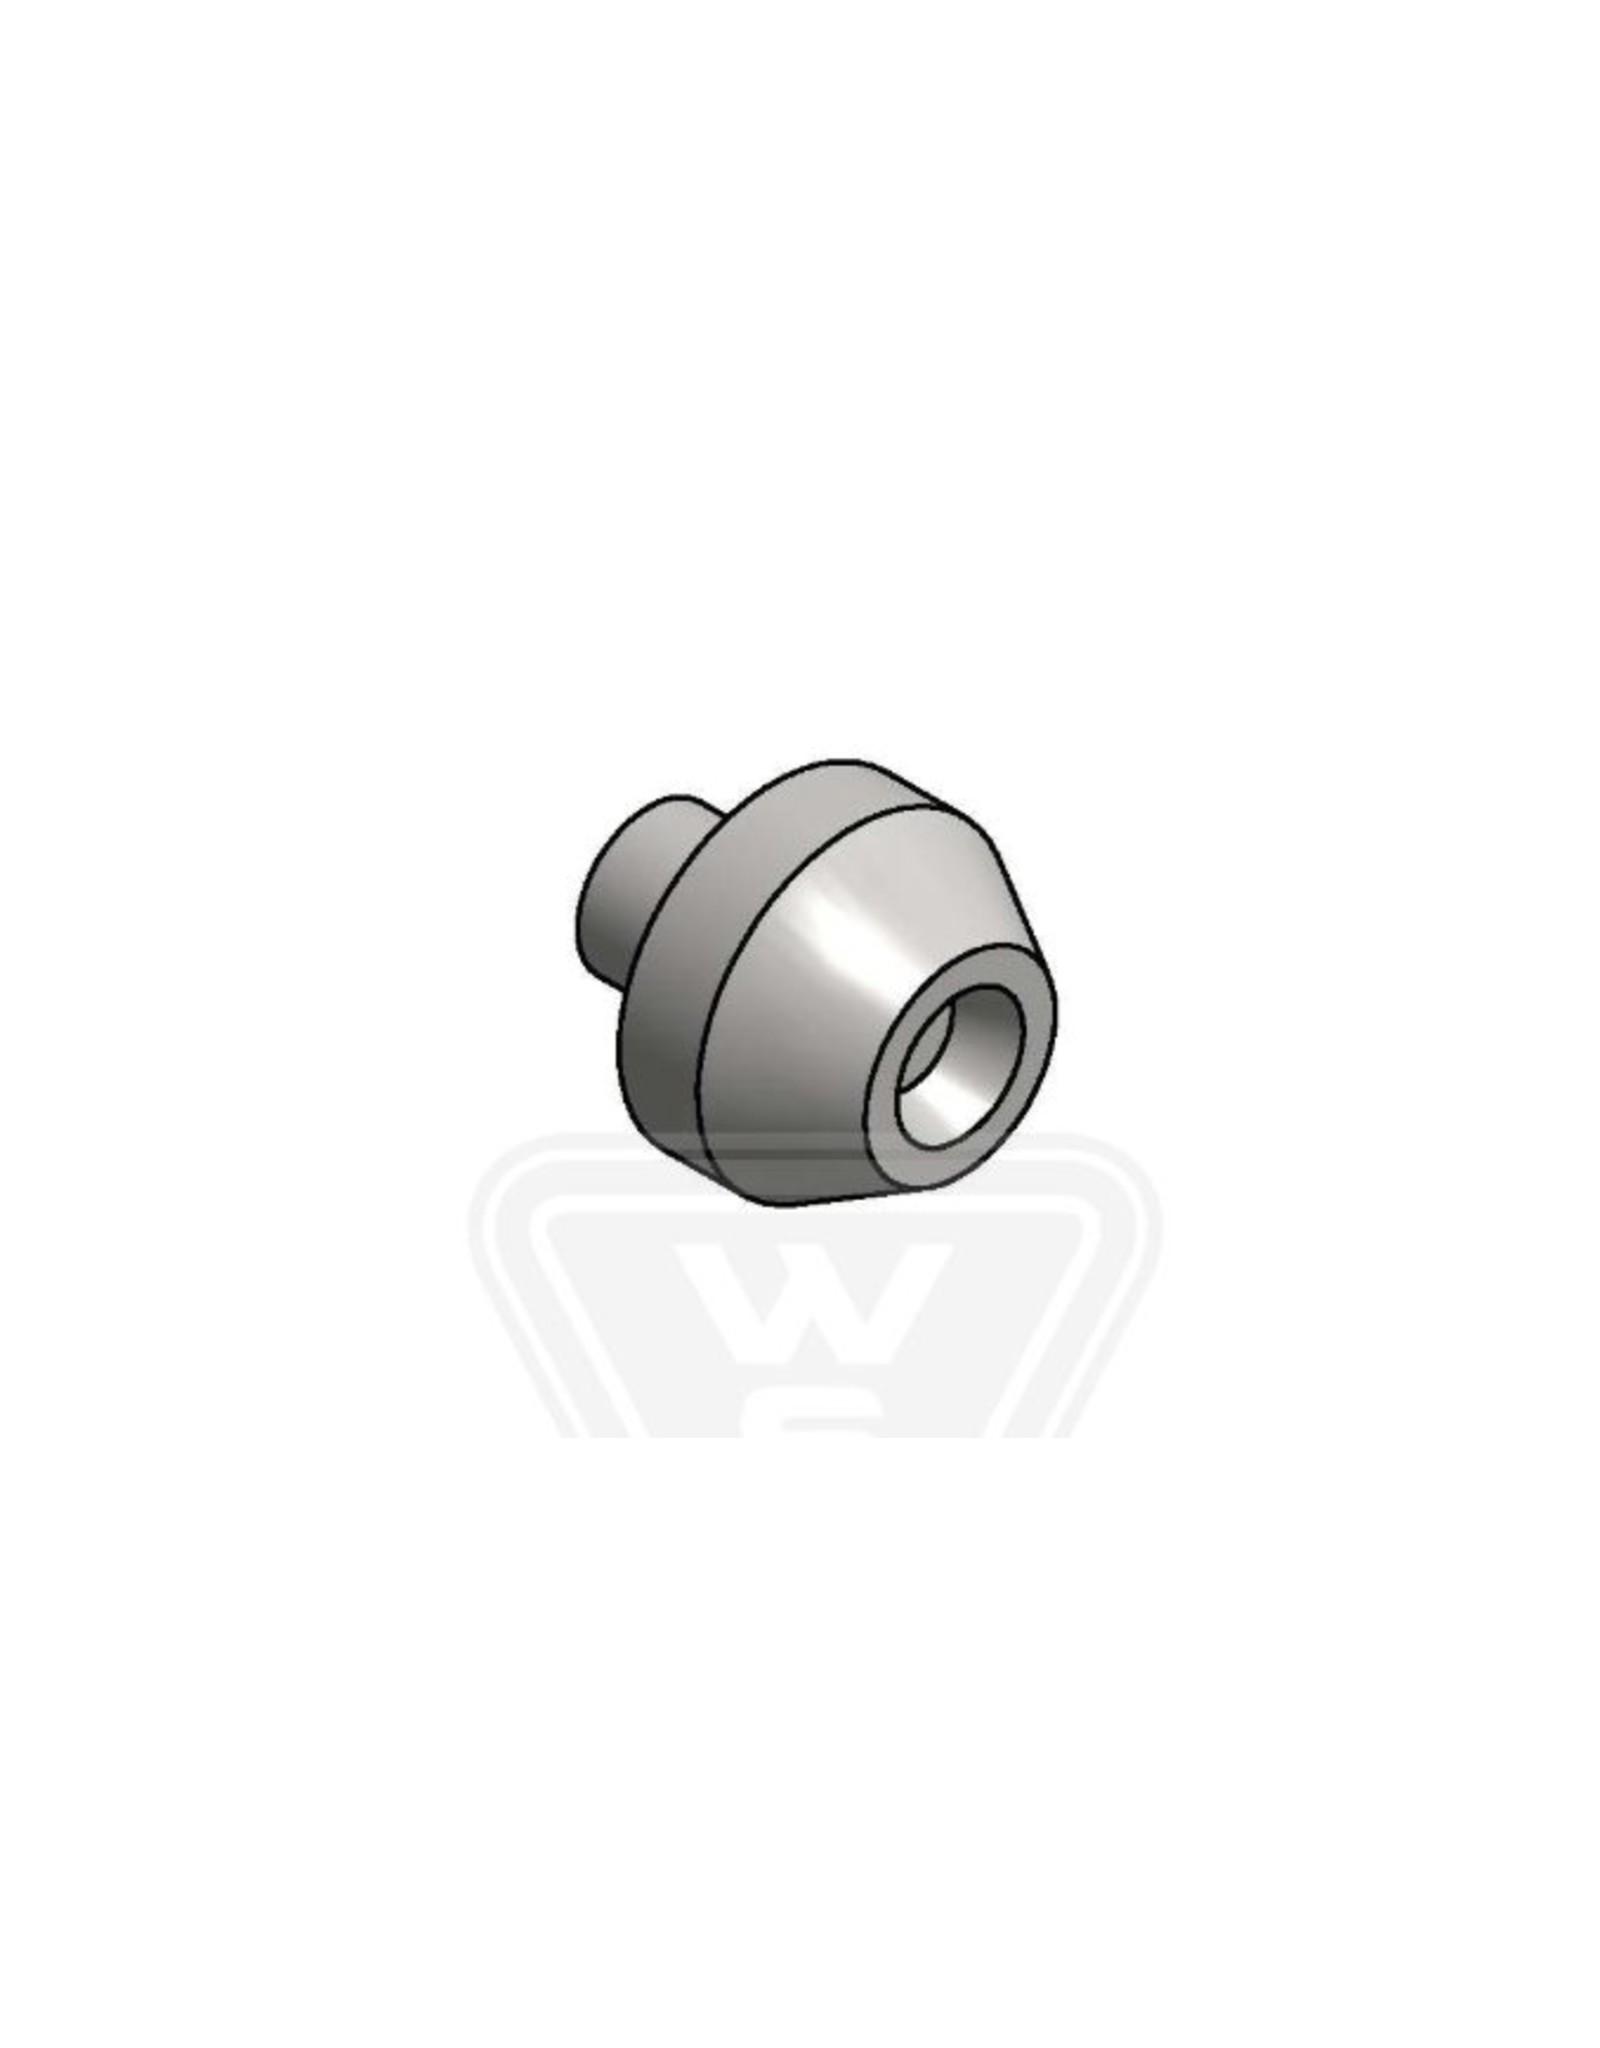 Cinnova Style Bullet Mount, Type 66